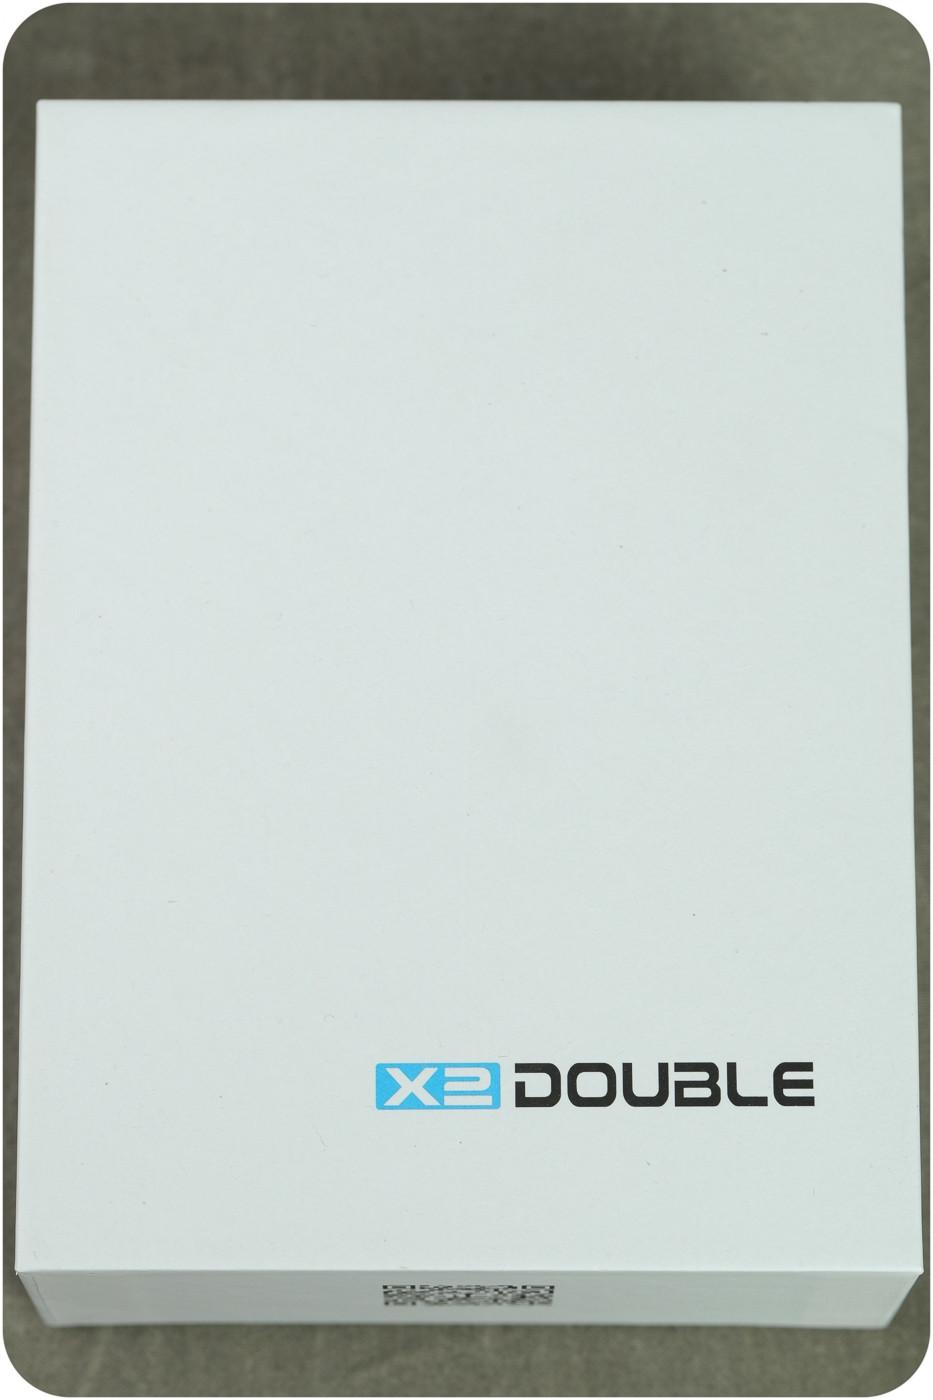 Double UO Ukulele Pickup w Optional Installation